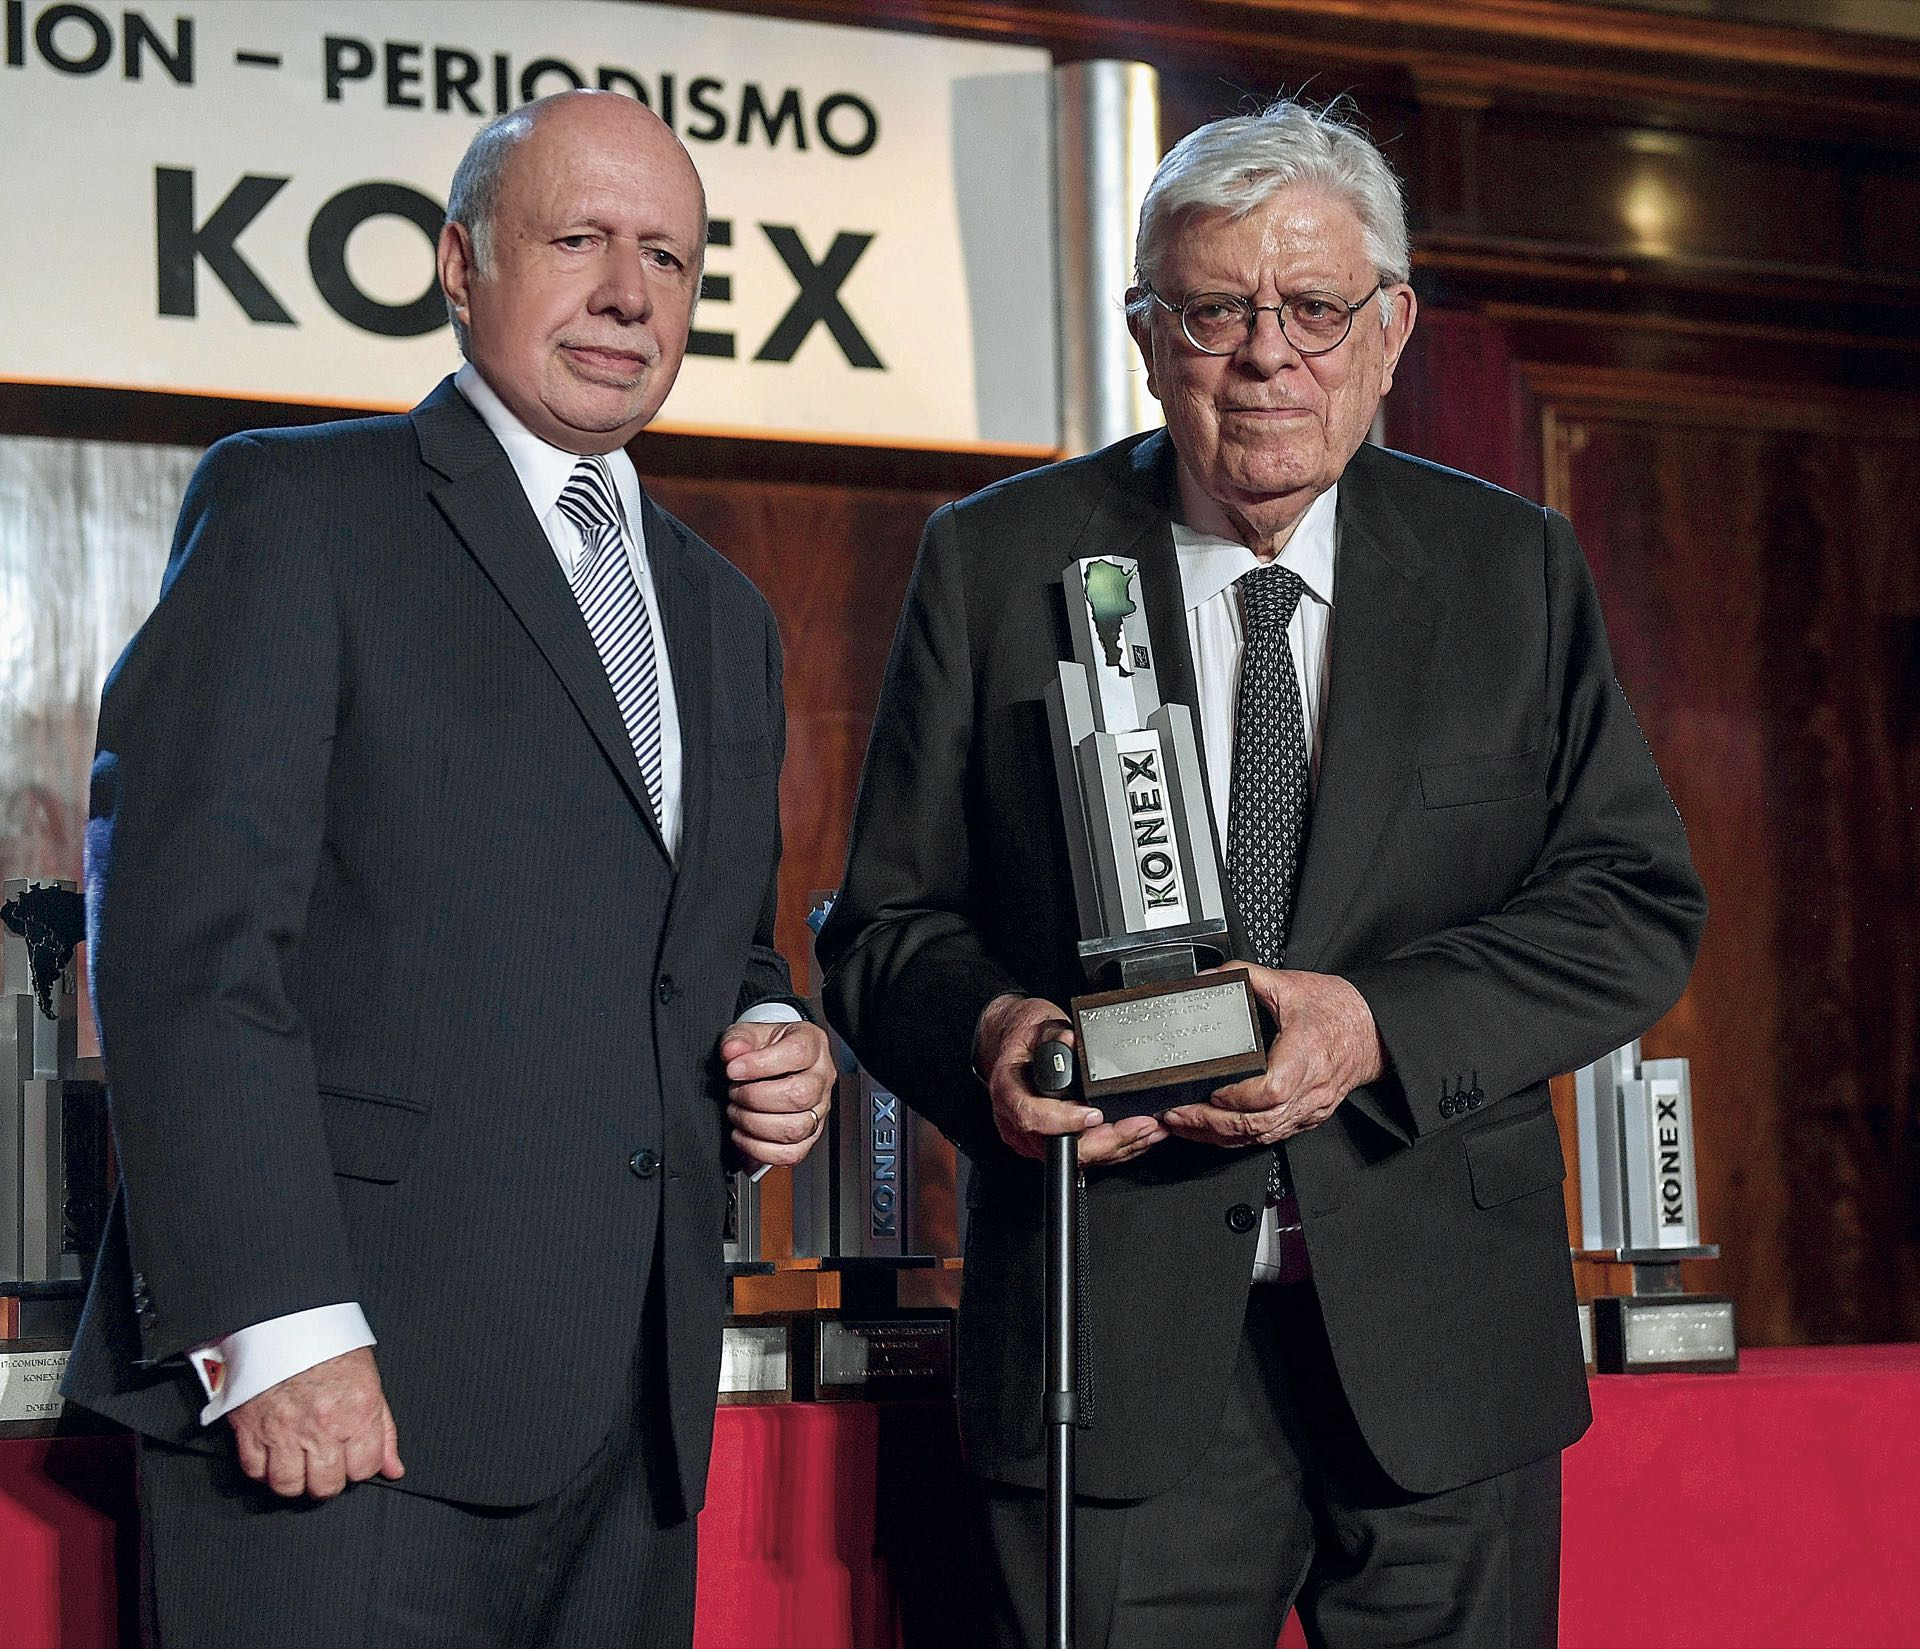 HermenegildoSábat, ganador delKonex de Brillante,lo recibió de manosde Jorge de Luján Gutiérrez. Foto: Diego Soldini/GENTE